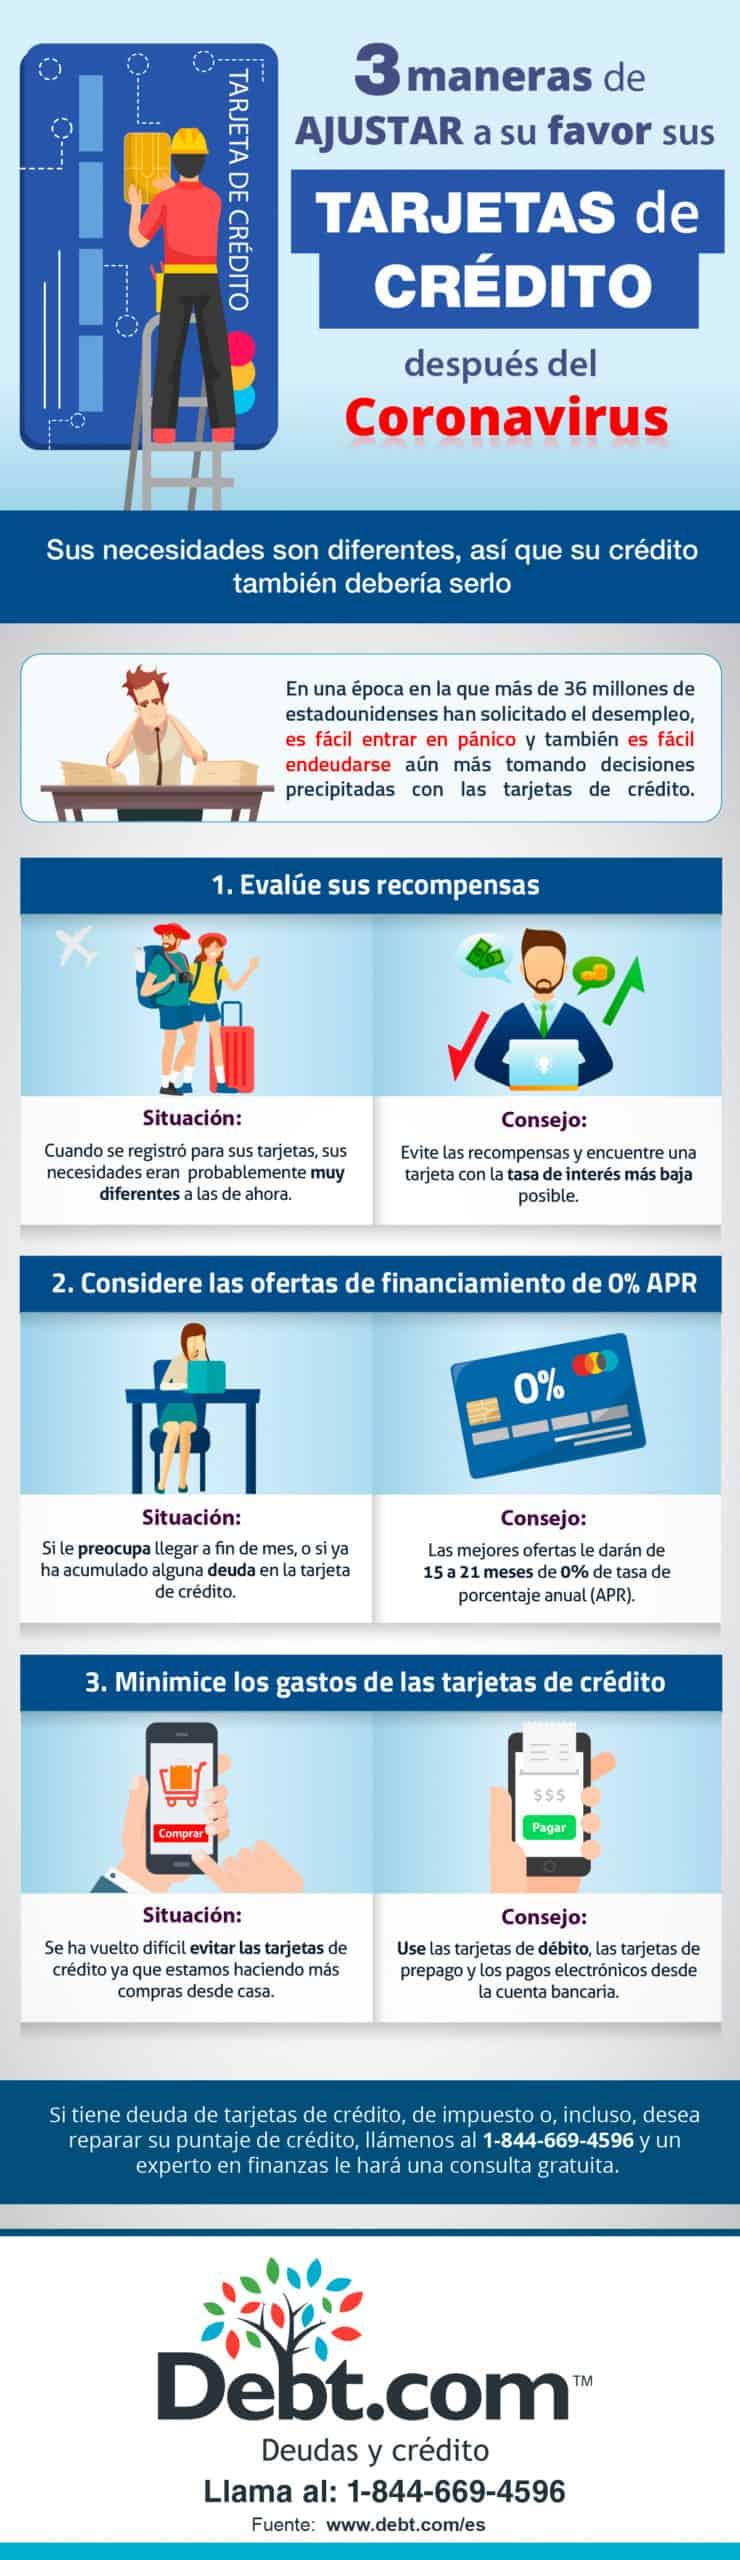 tarjetas de crédito covid-19